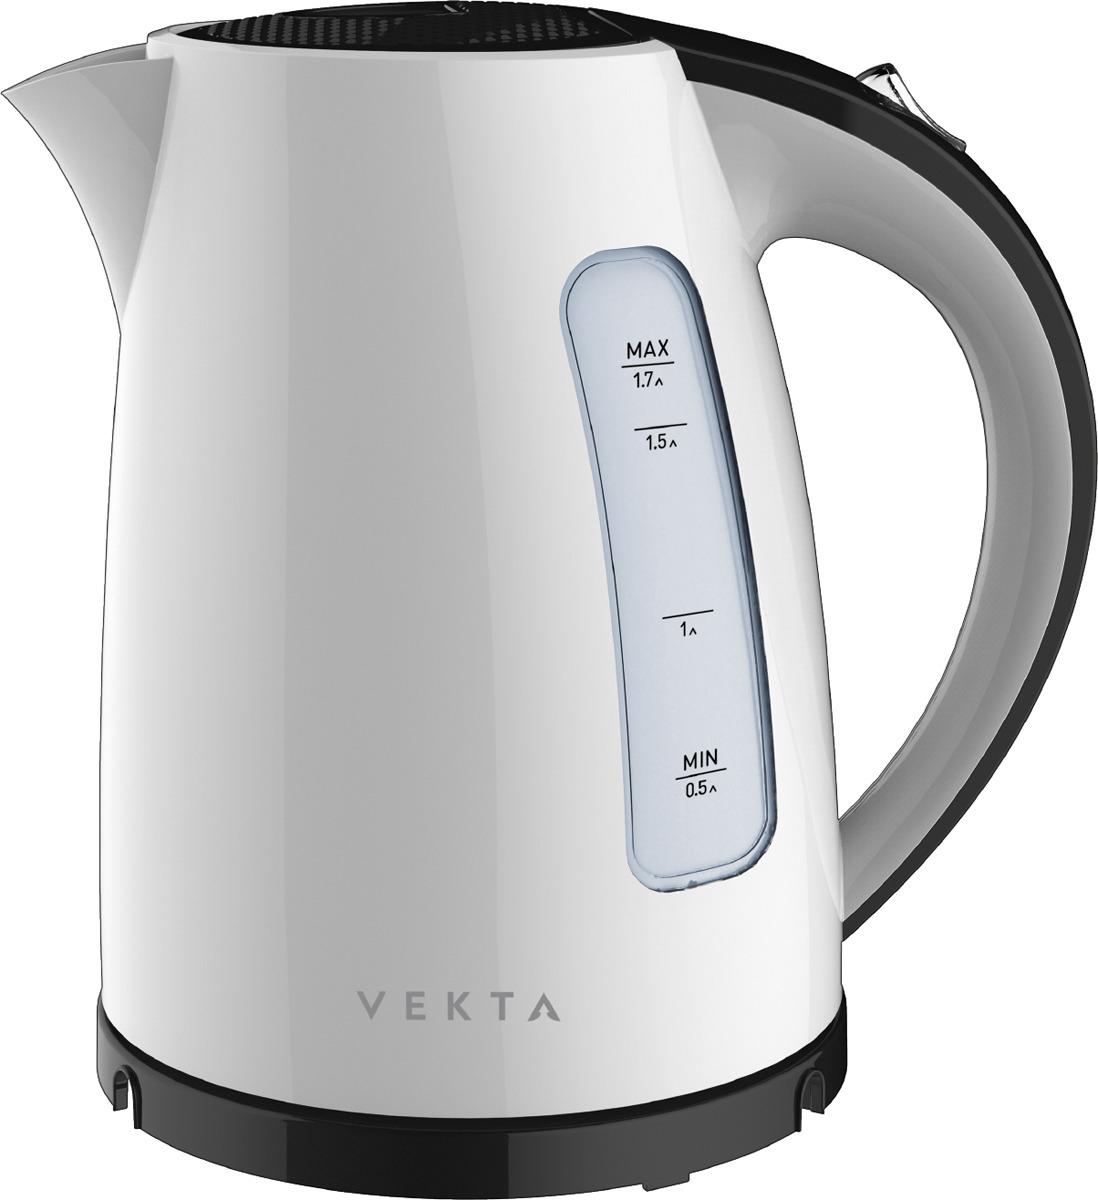 Электрический чайник Vekta KMP-1701, черный, белый, 1,7 л